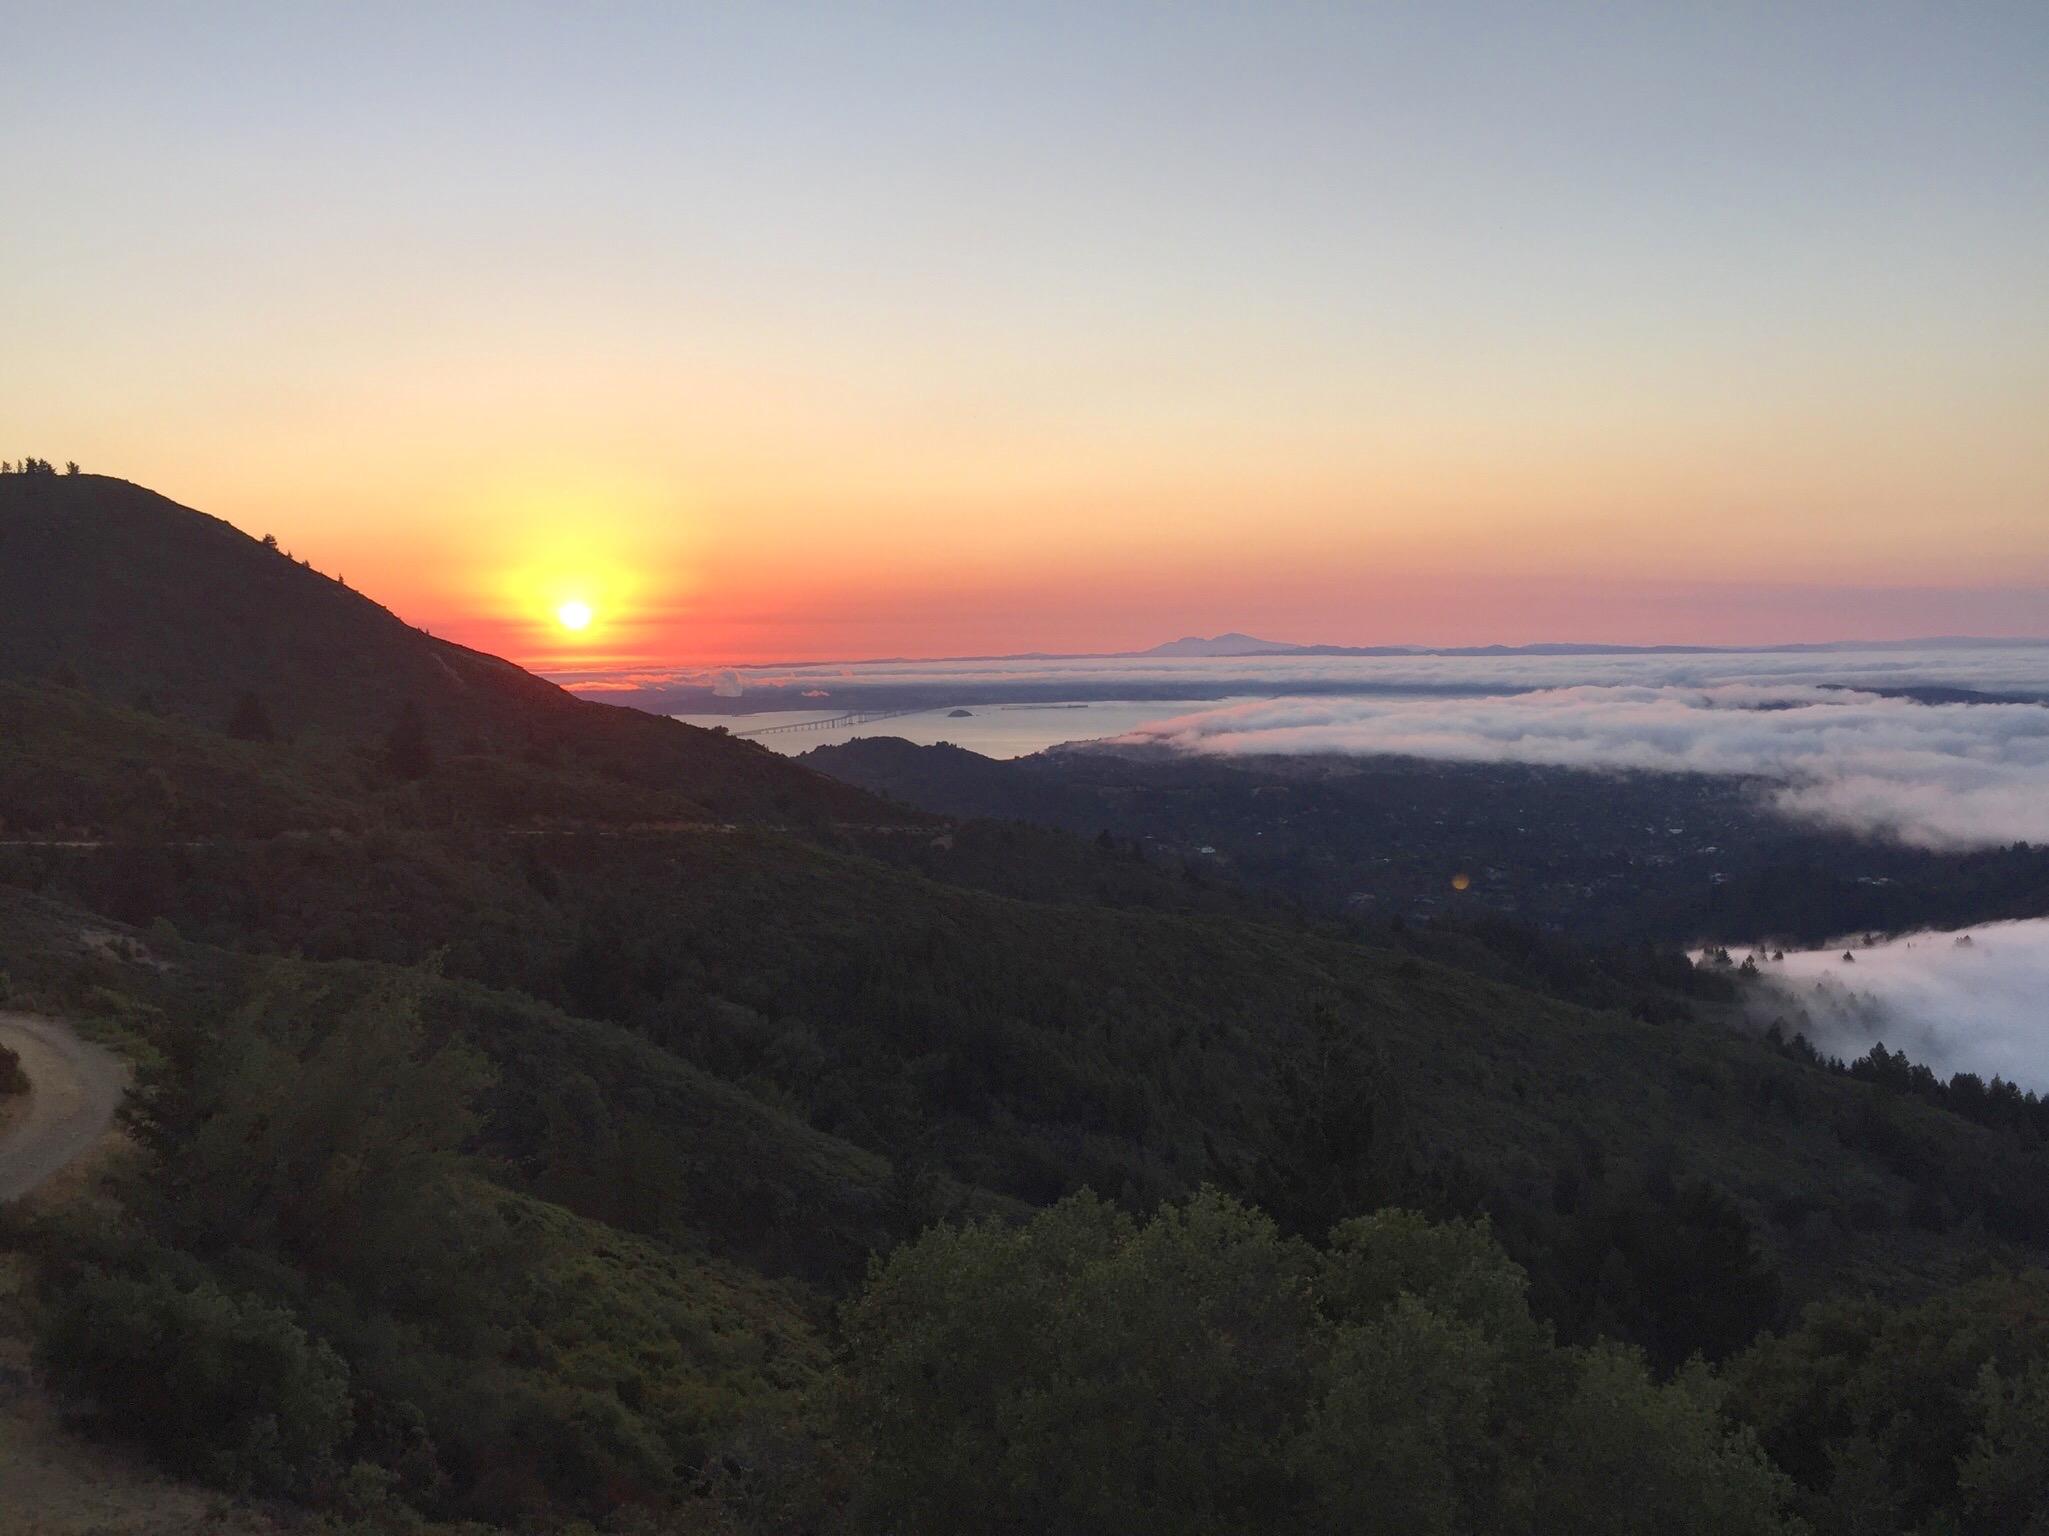 Sun rise view